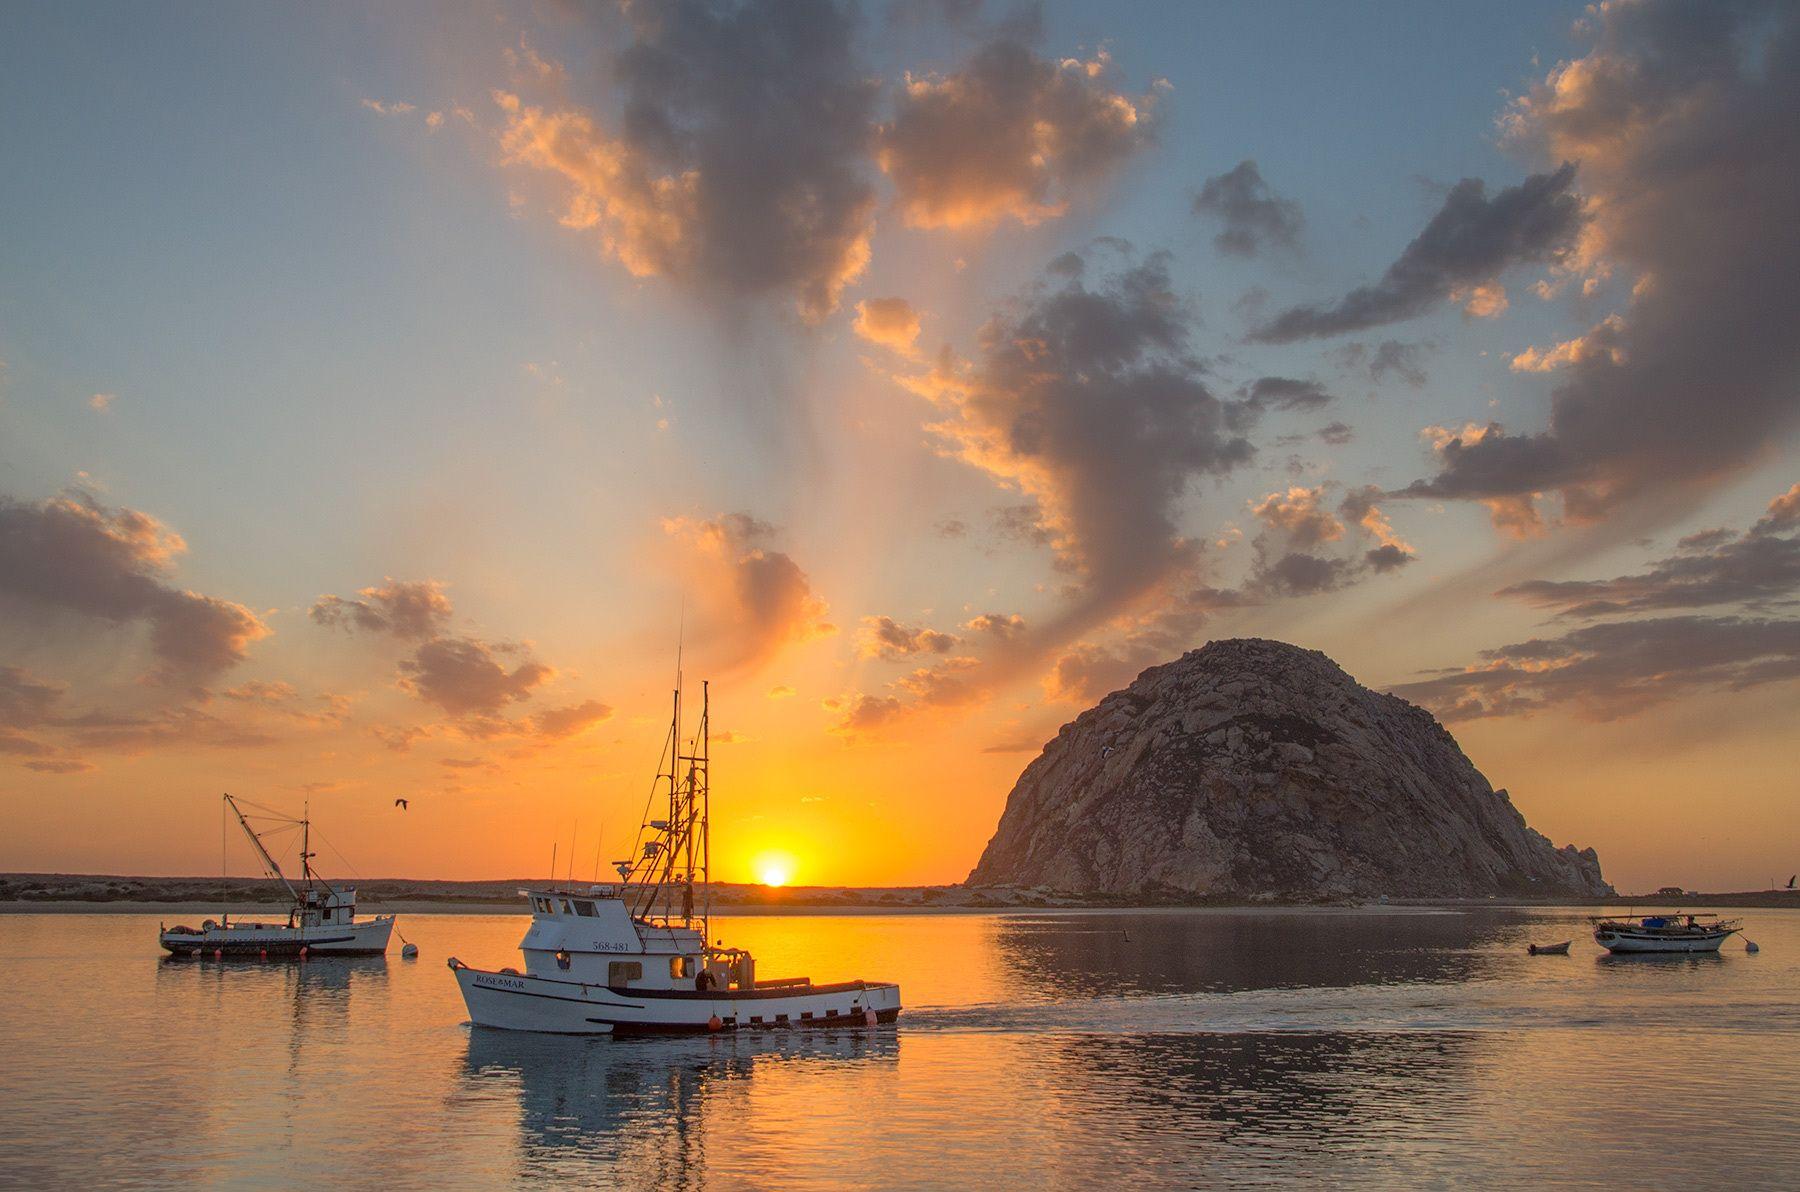 Morro Bay at Sunset, California